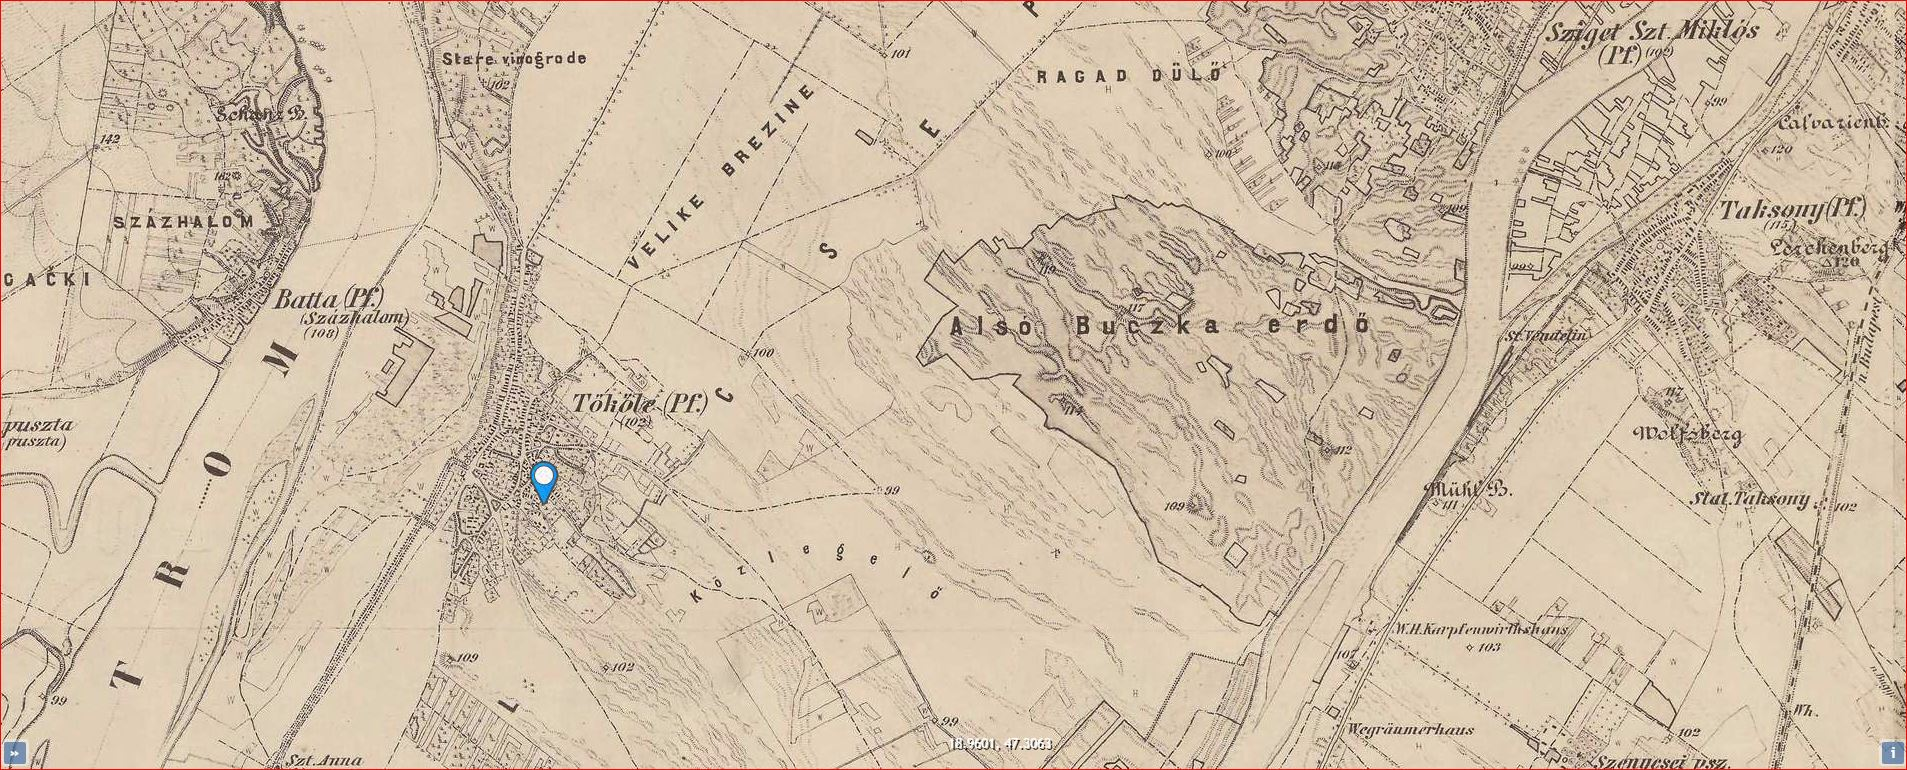 tököl térkép TÖKÖL VÁROS TÖRTÉNELMI ÉRTÉKEI | A tököli